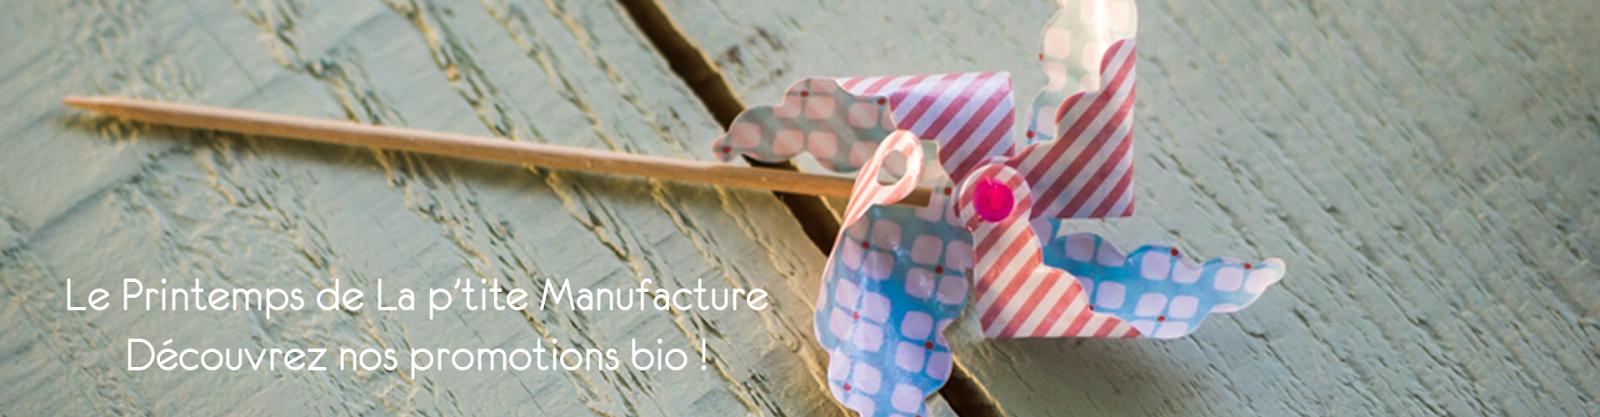 bébé bio laptitemanufacture made in france vetements accessoires bébé BIOOGIQUES